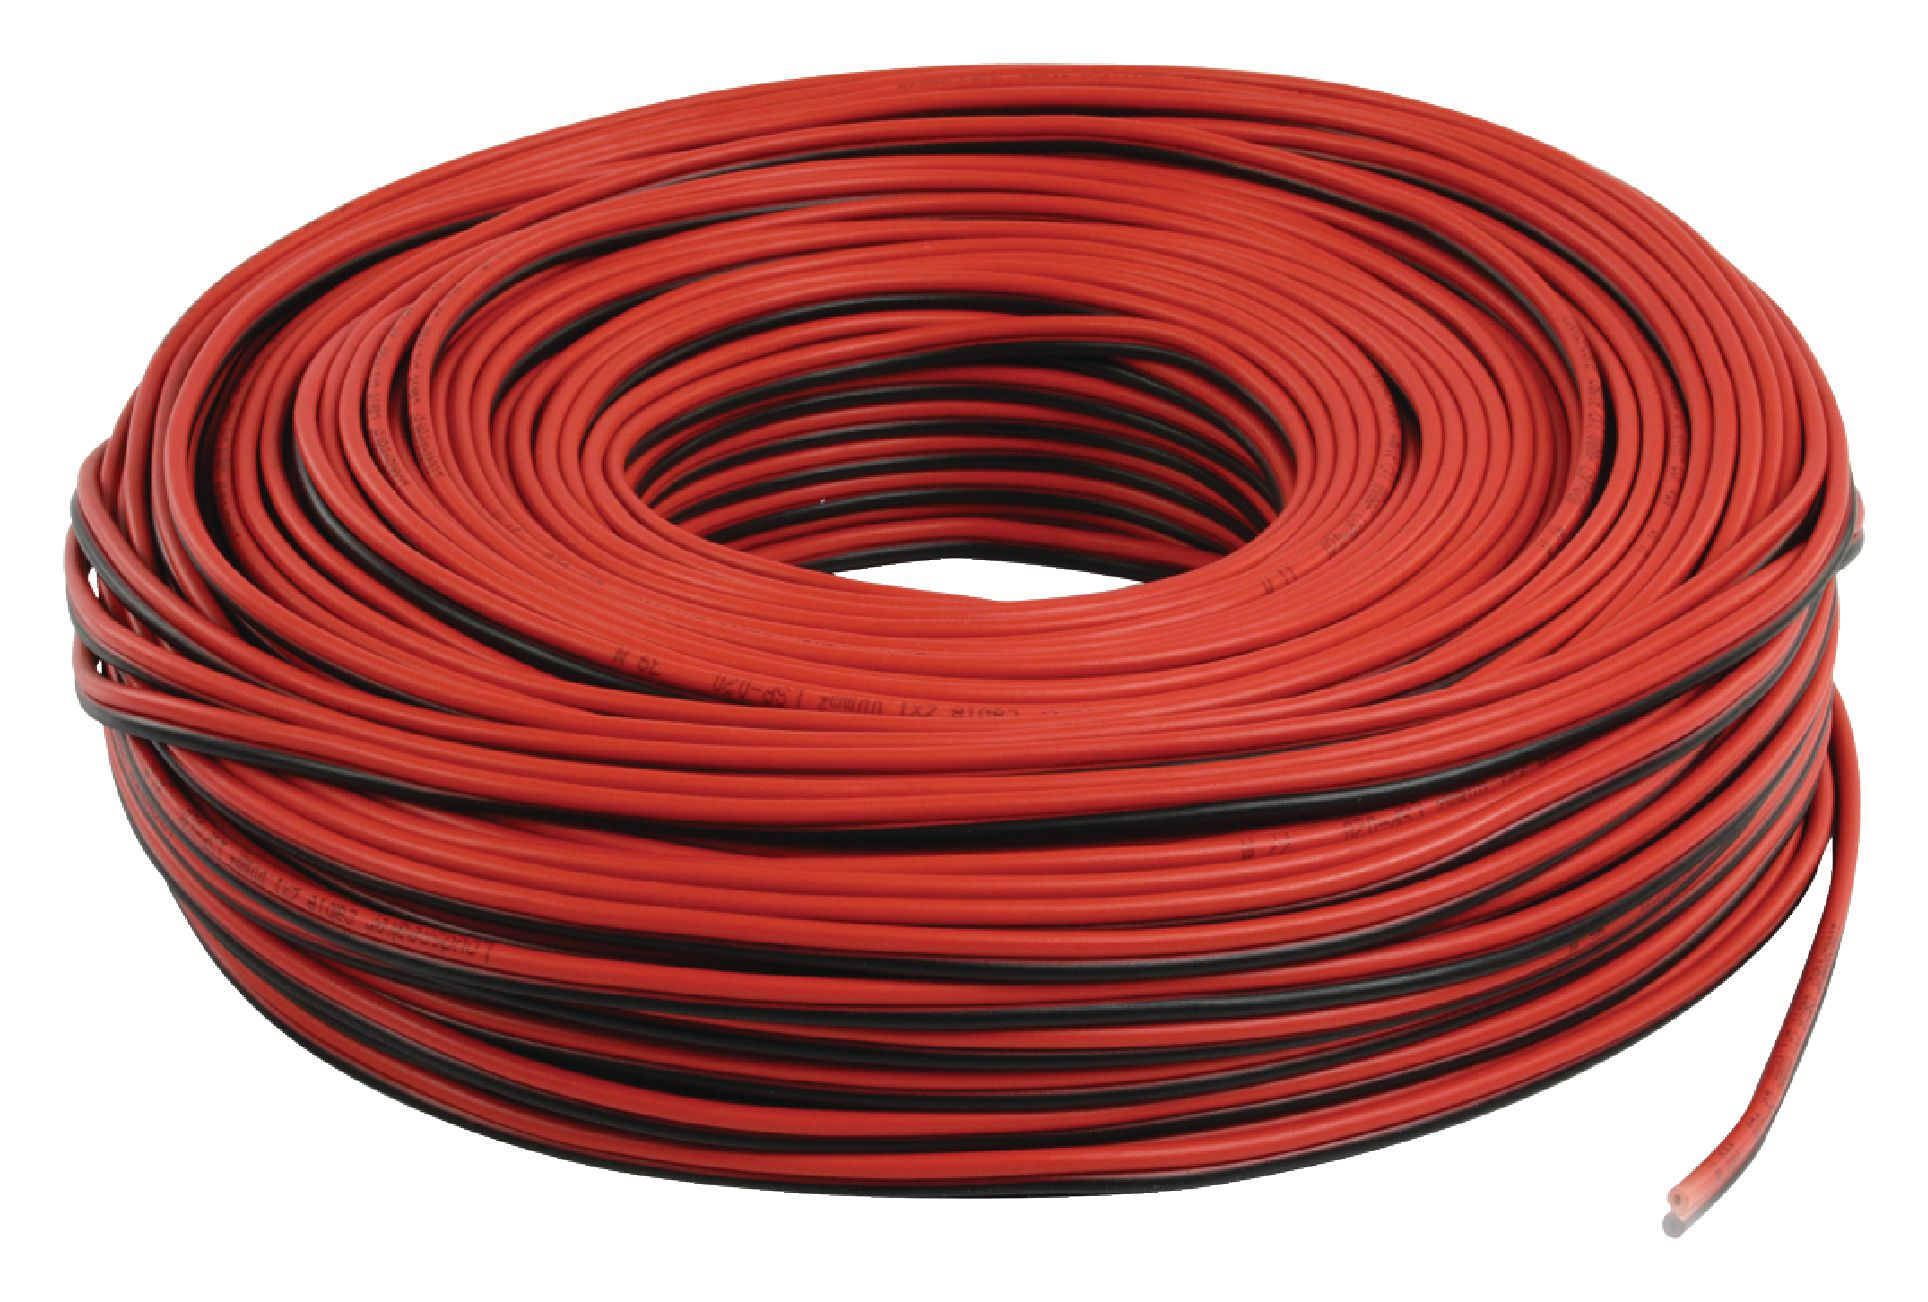 Hangszóróvezeték 2 X 0,5 piros-fekete LSP-012R 100 méteres